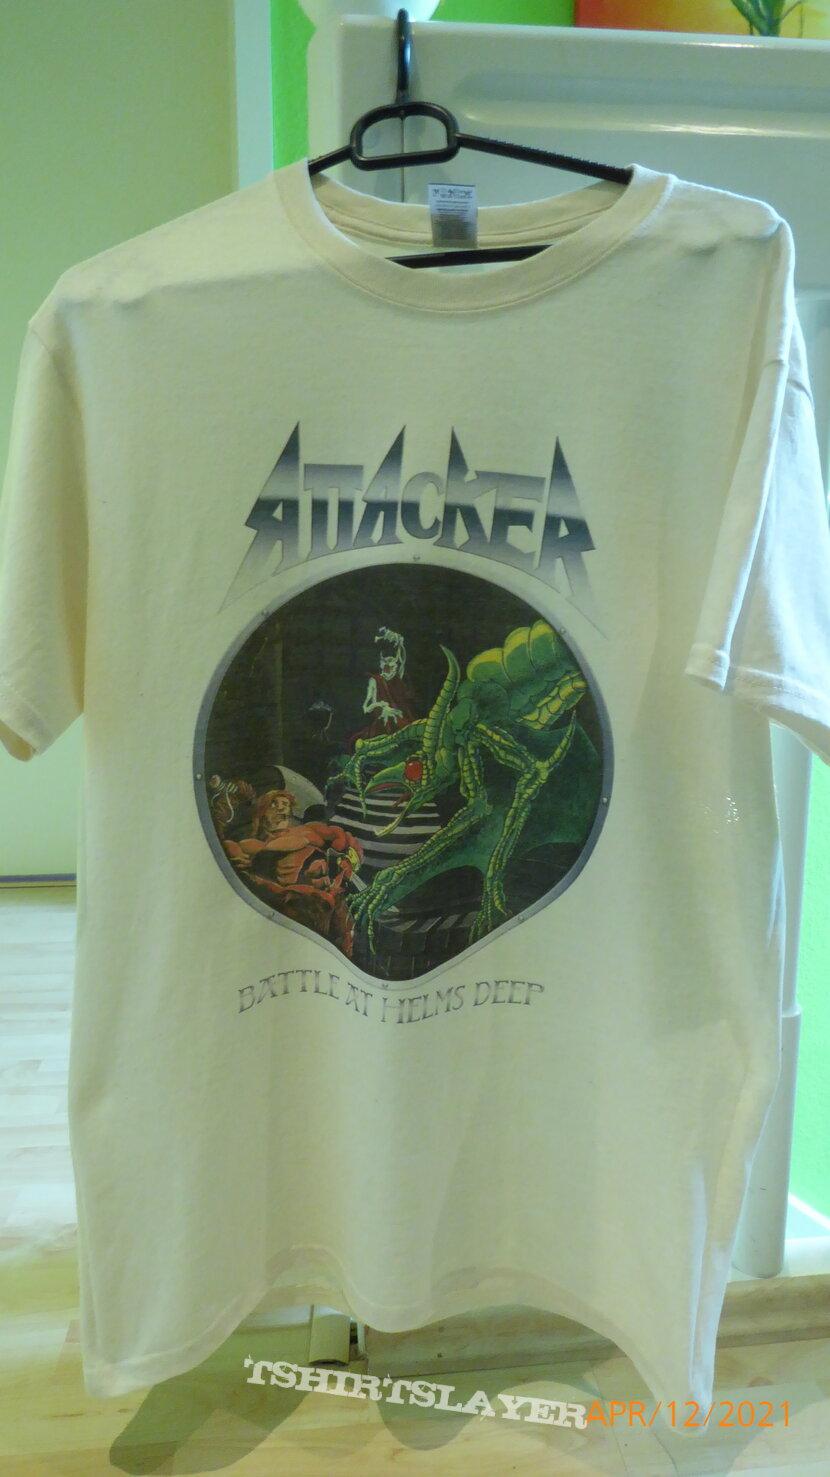 Attacker Shirt